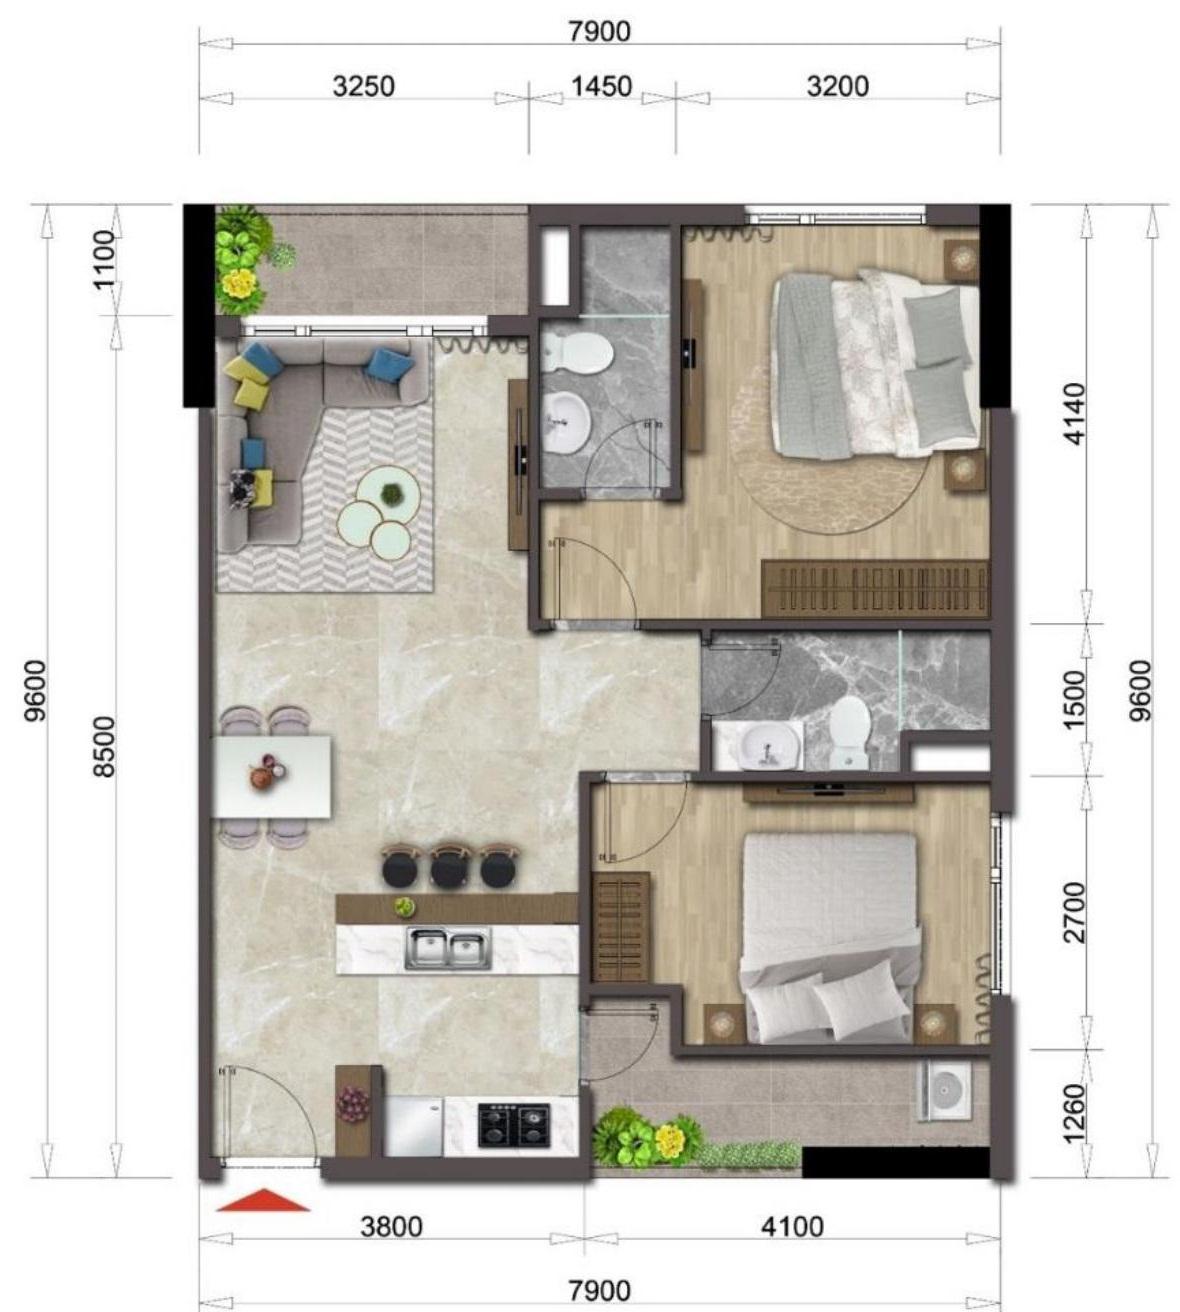 Dự án căn hộ Akari City Nam Long Bình Tân - Thông tin Chủ Đầu Tư - Hotline: 0868.56.55.83